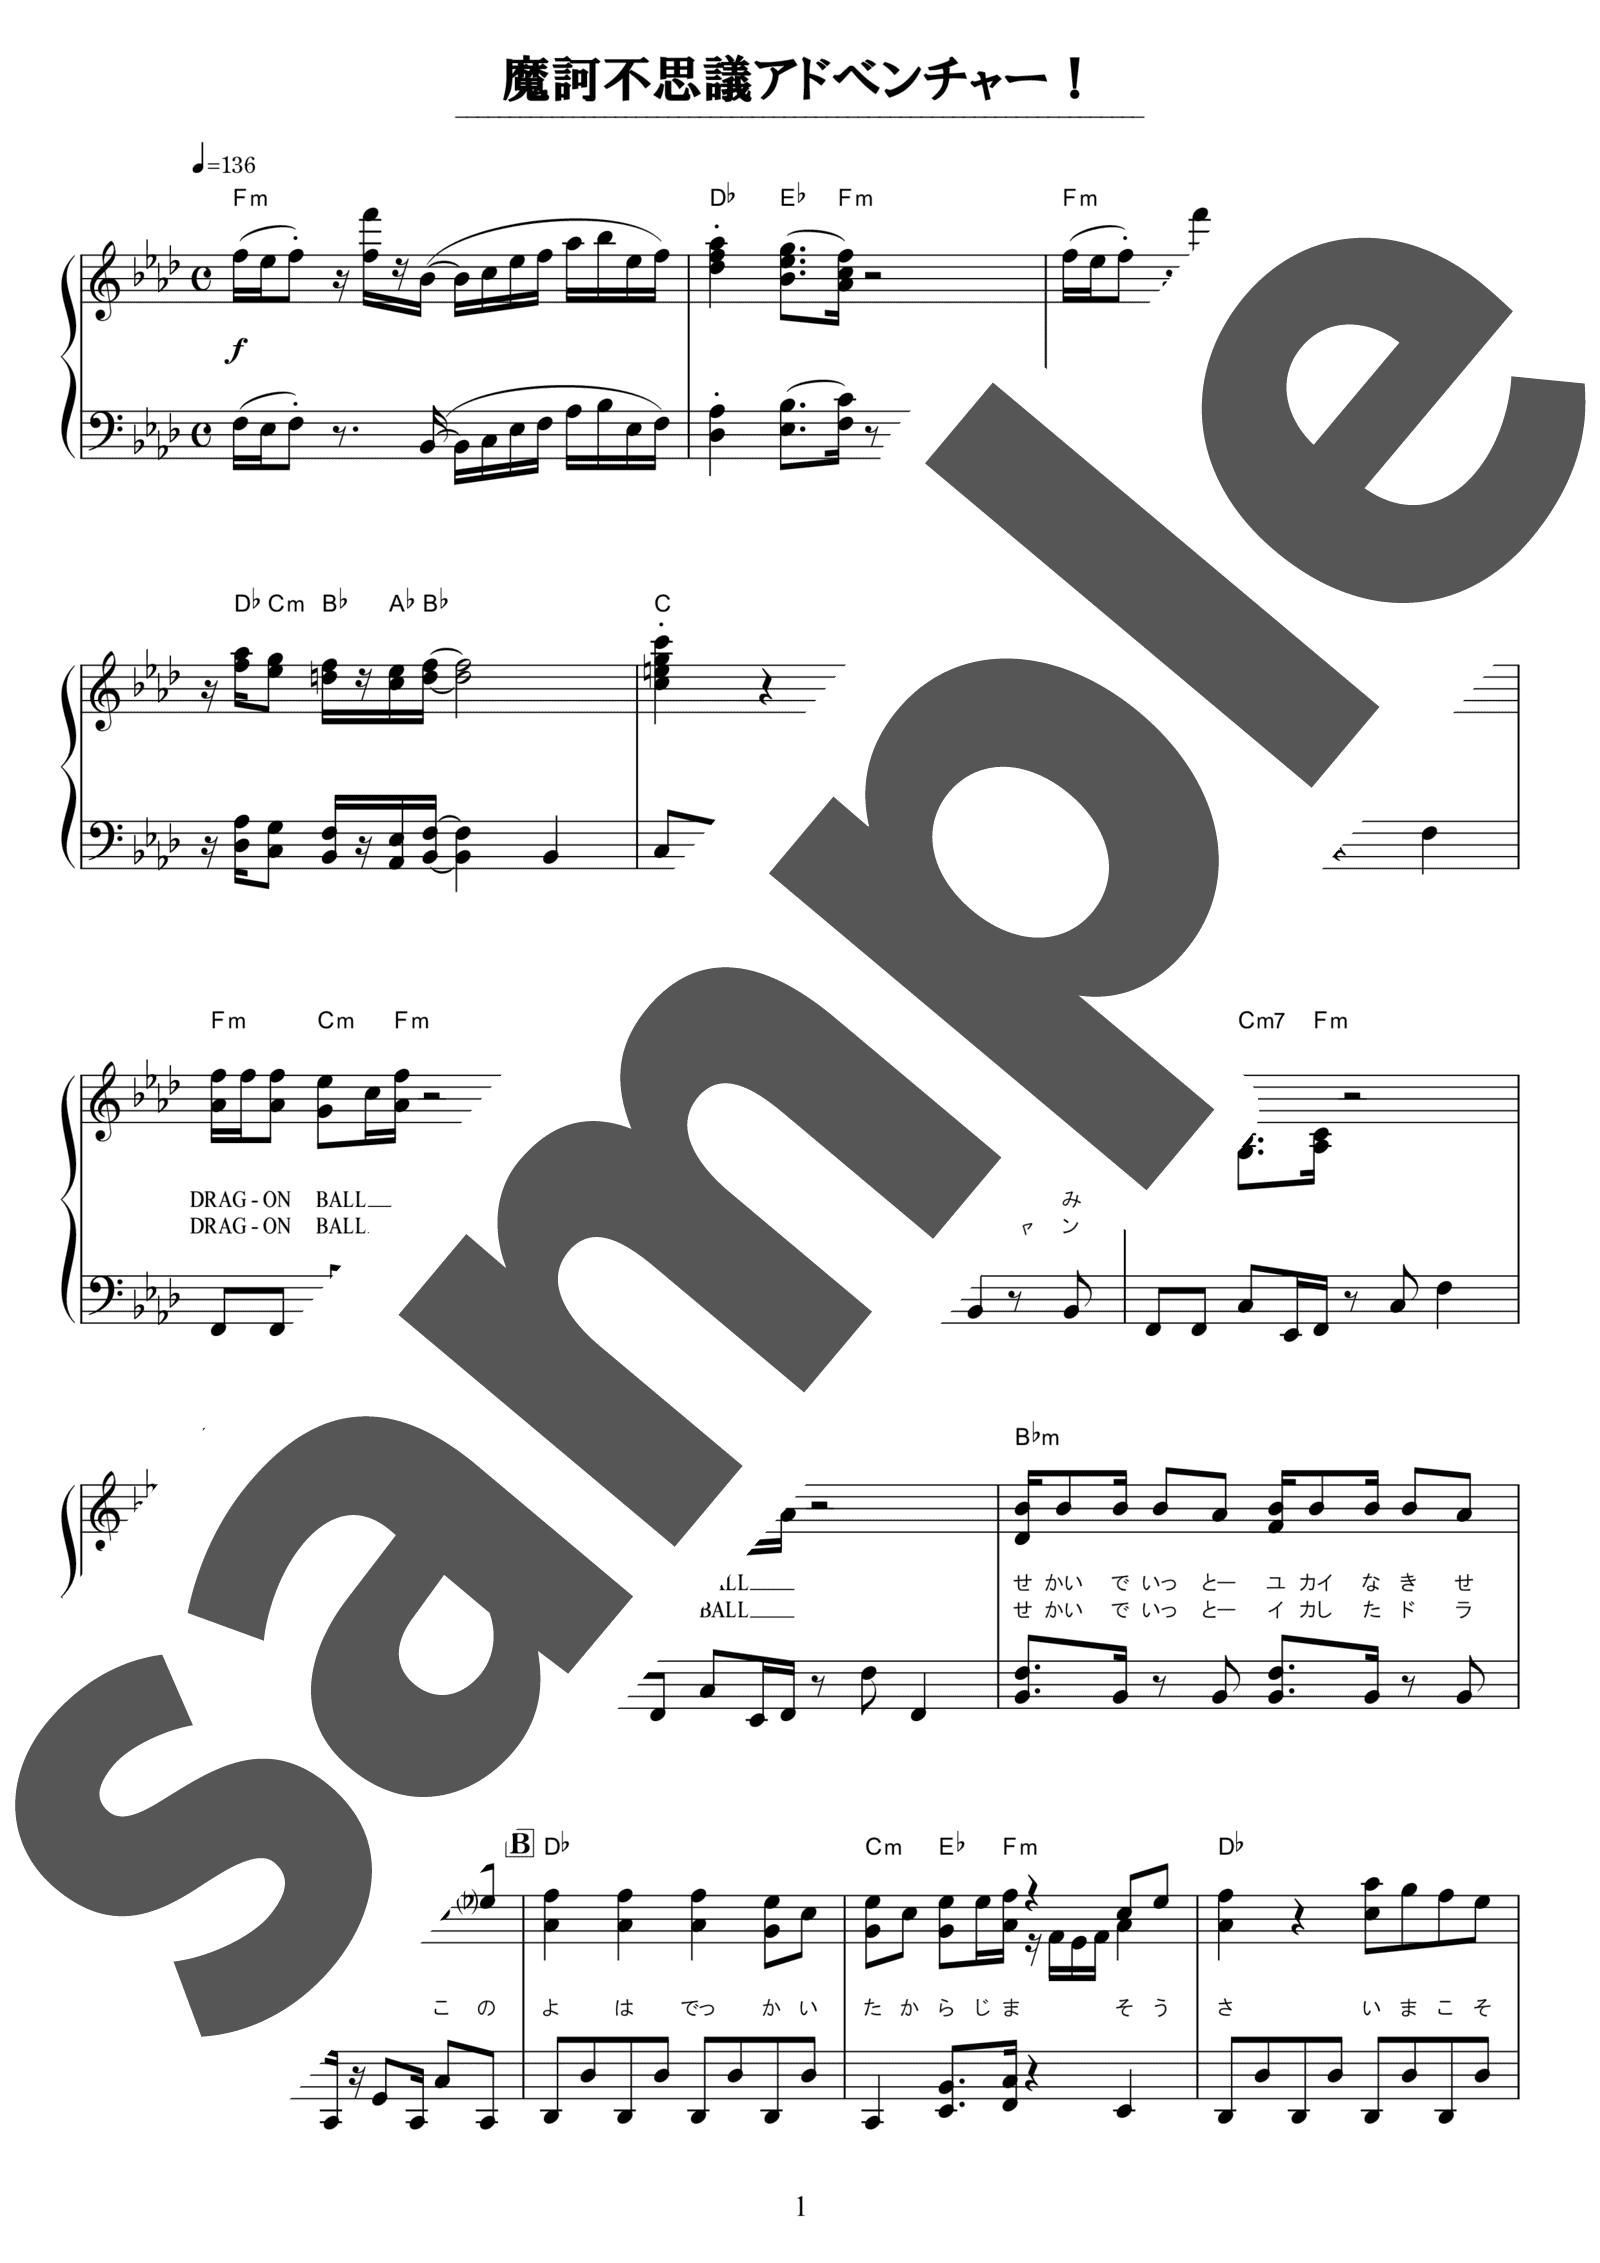 「魔訶不思議アドベンチャー!」のサンプル楽譜